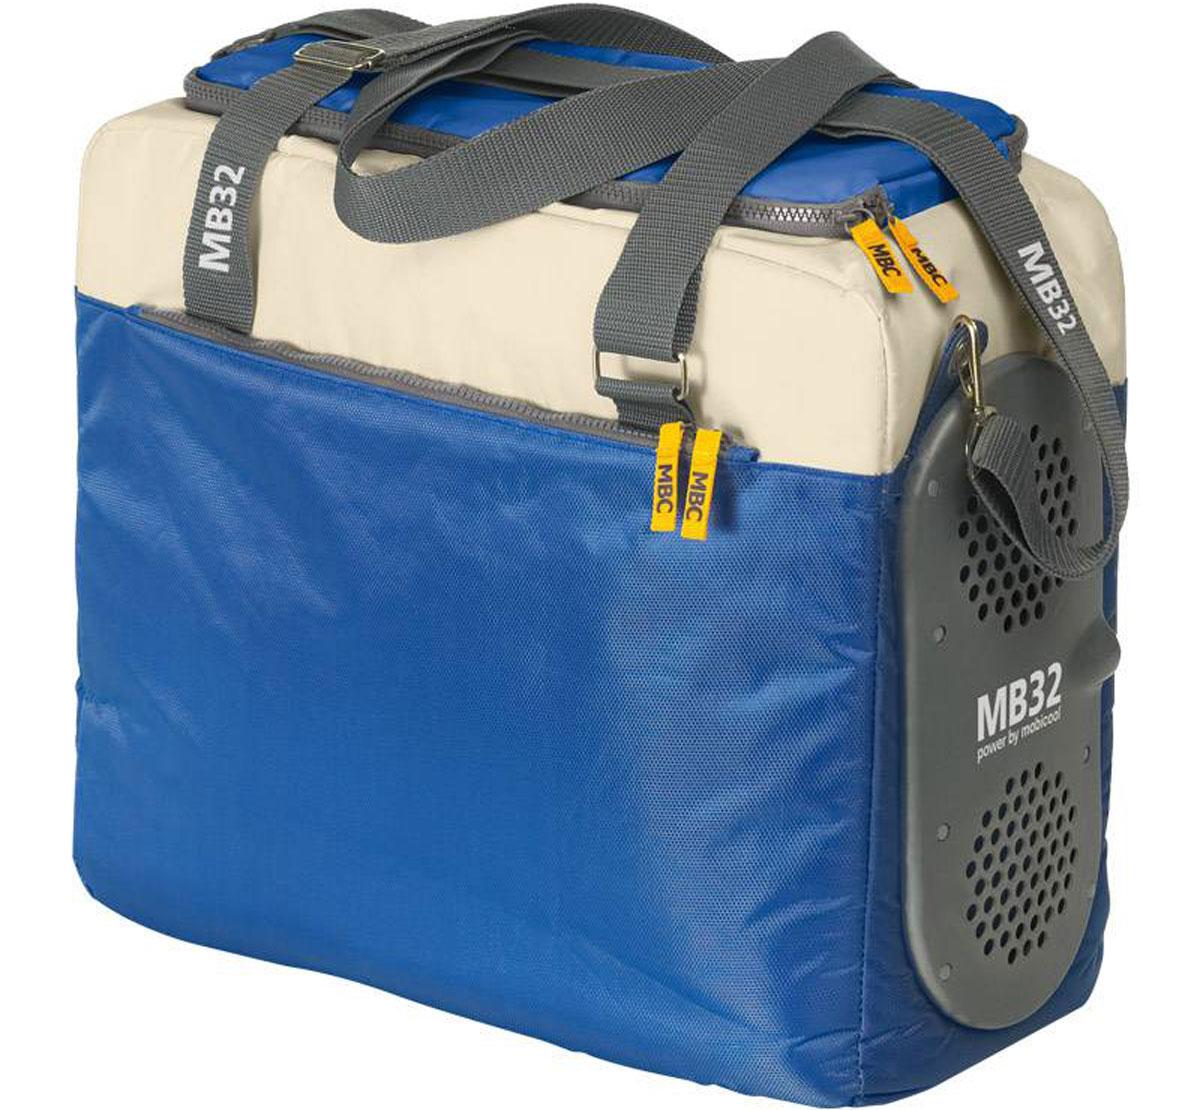 MOBICOOL MB32 DC термоэлектрическая сумка-холодильник